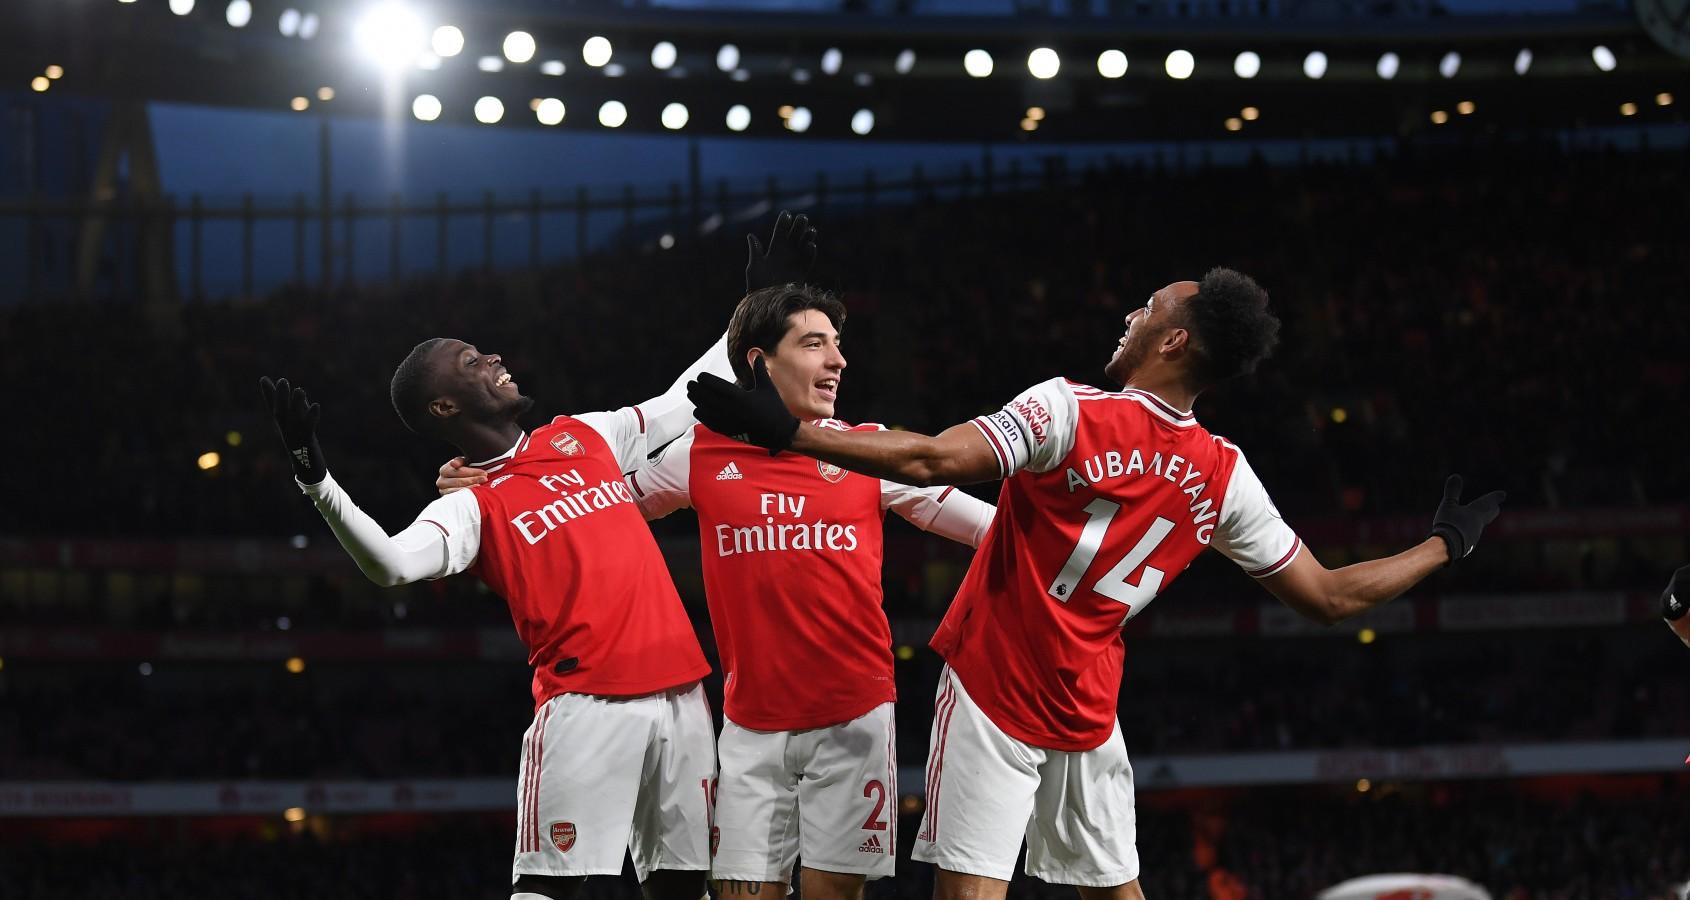 Fotballreiser til alle europeiske toppligaer